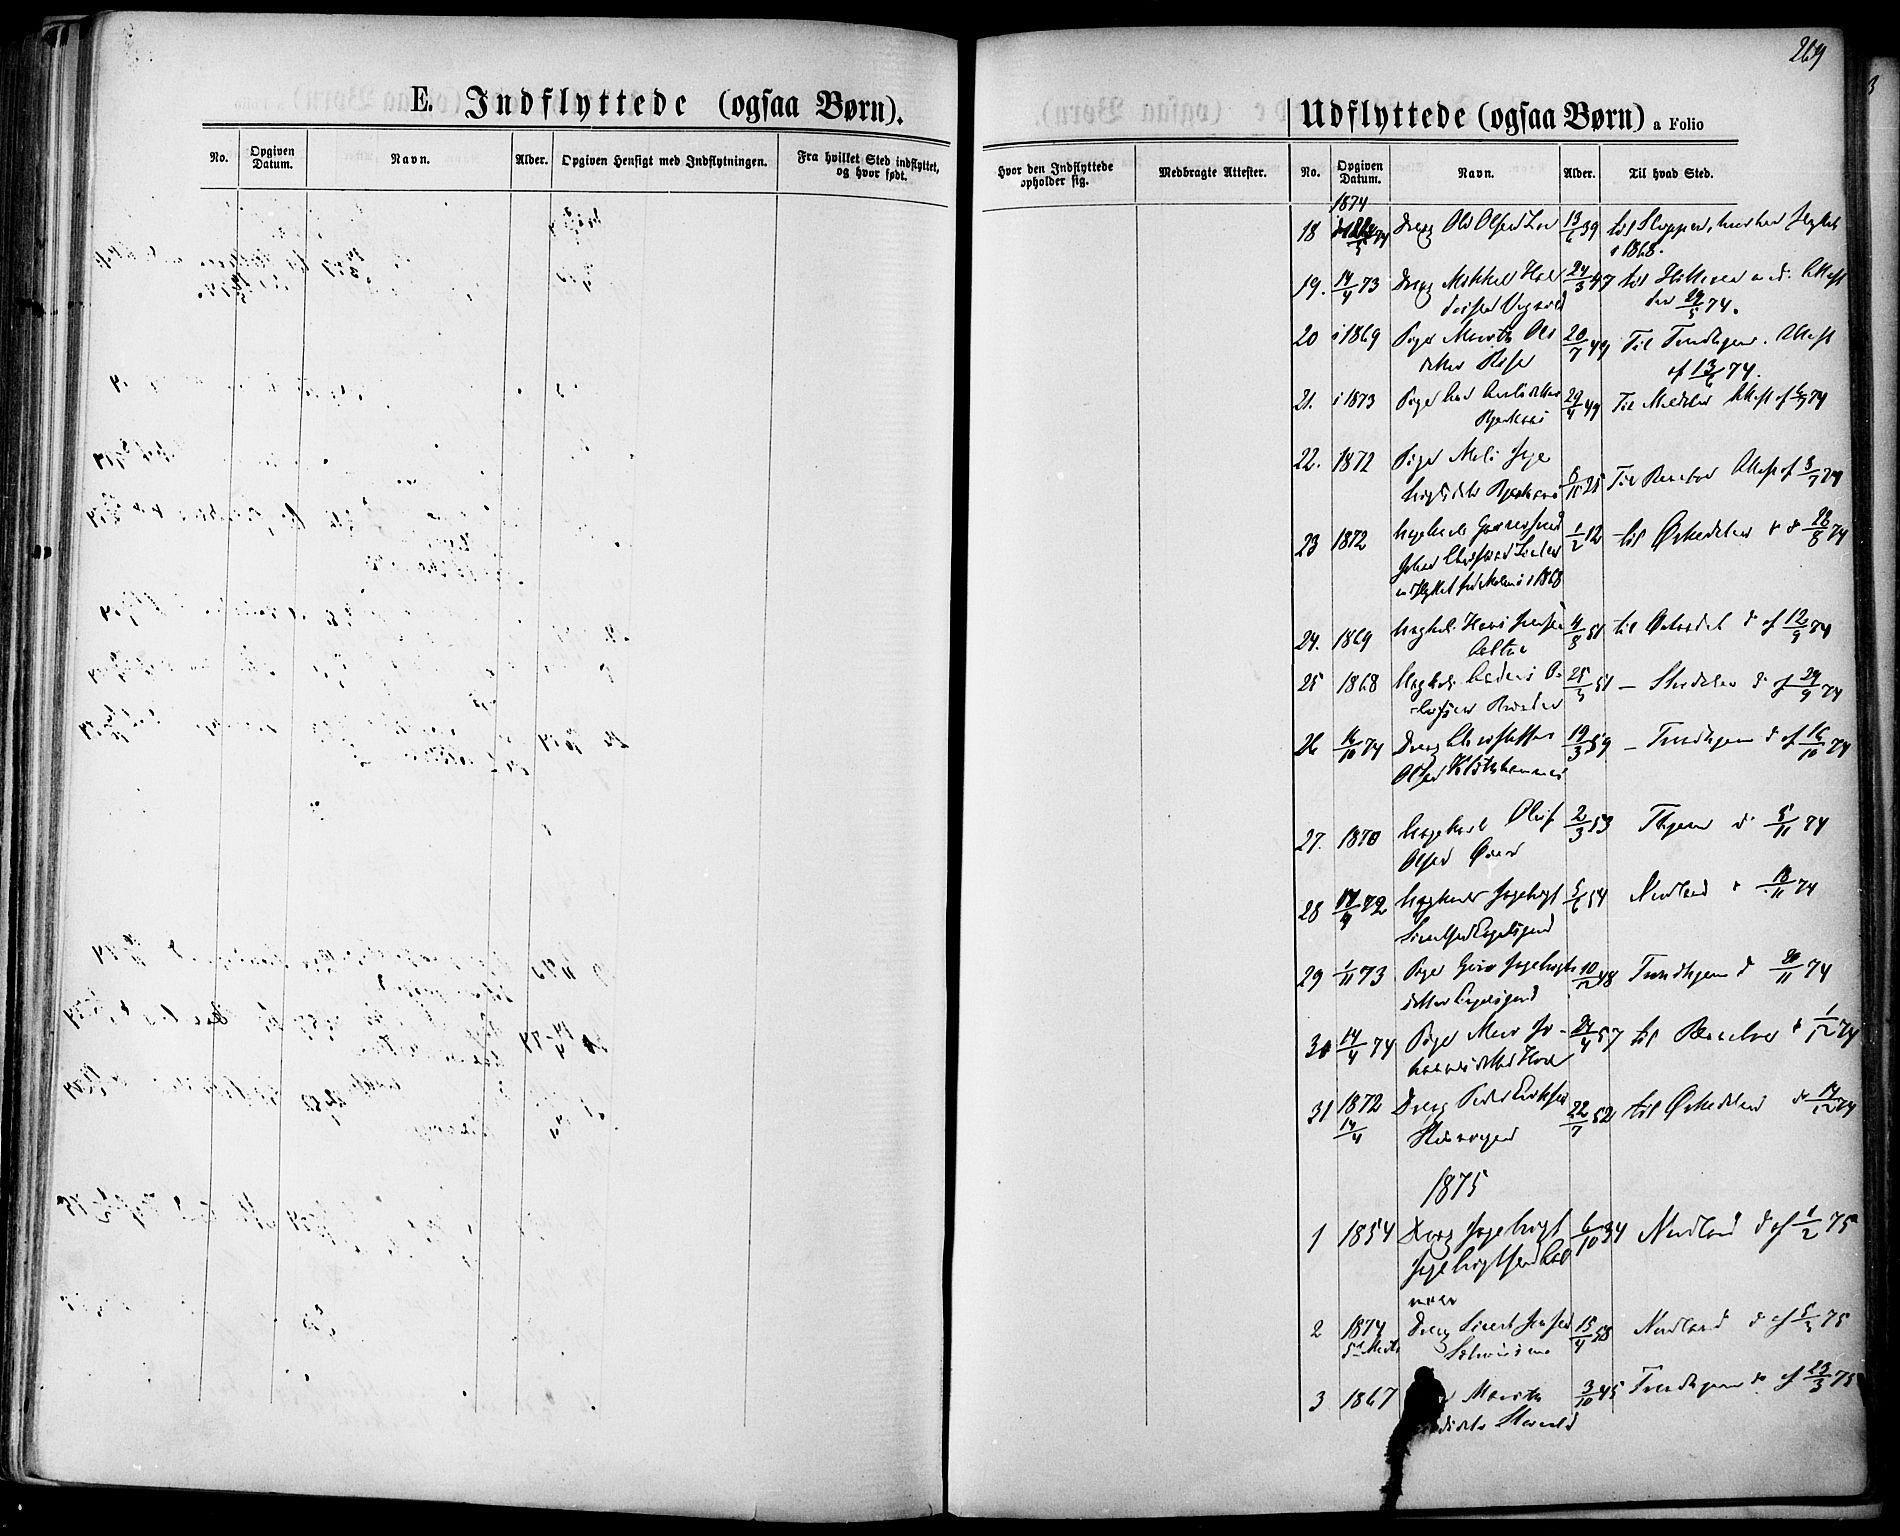 SAT, Ministerialprotokoller, klokkerbøker og fødselsregistre - Sør-Trøndelag, 678/L0900: Ministerialbok nr. 678A09, 1872-1881, s. 269